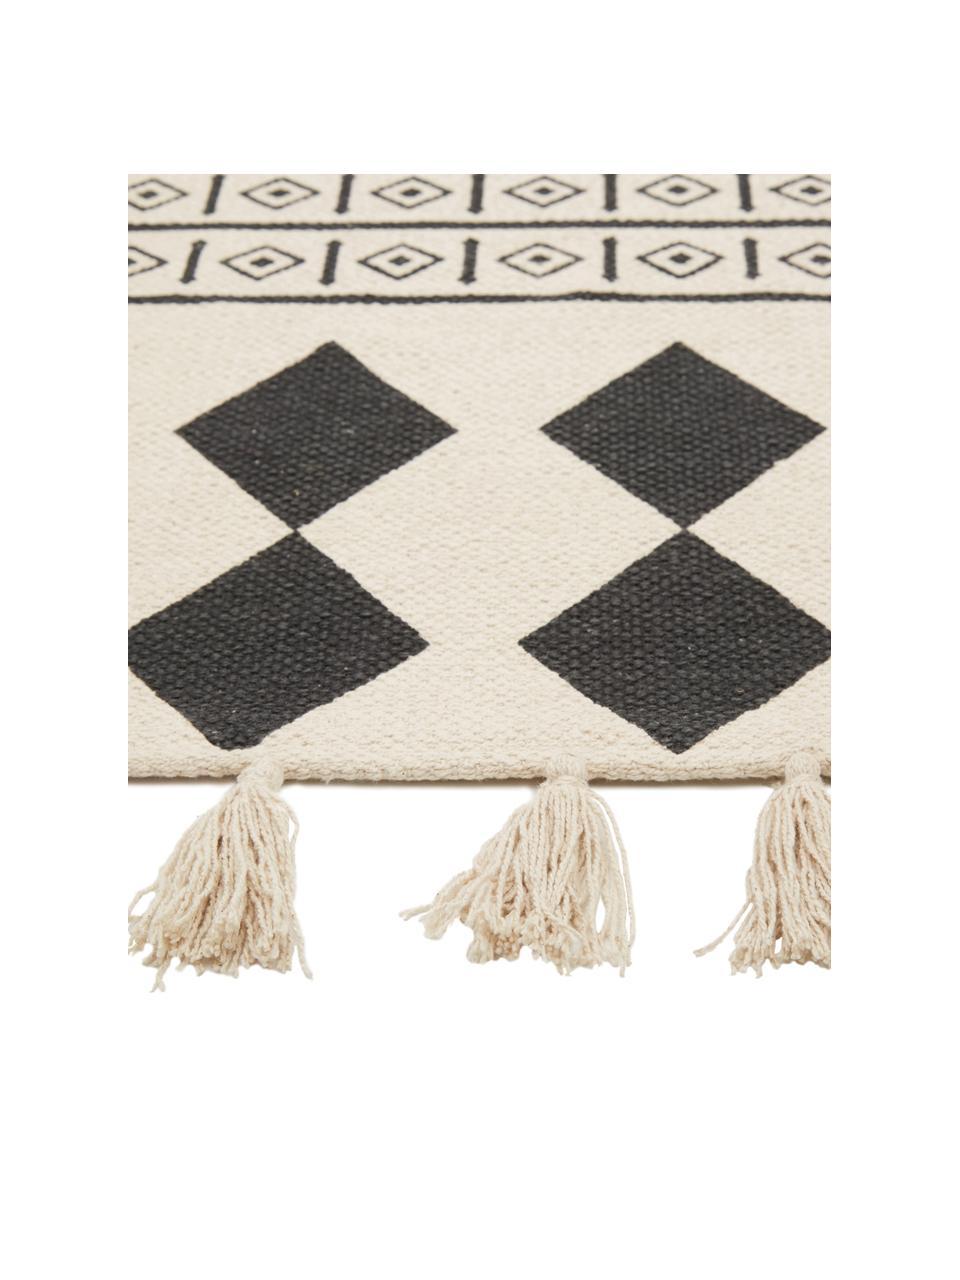 Tapis coton tufté main style ethnique Edna, Blanc crème, noir